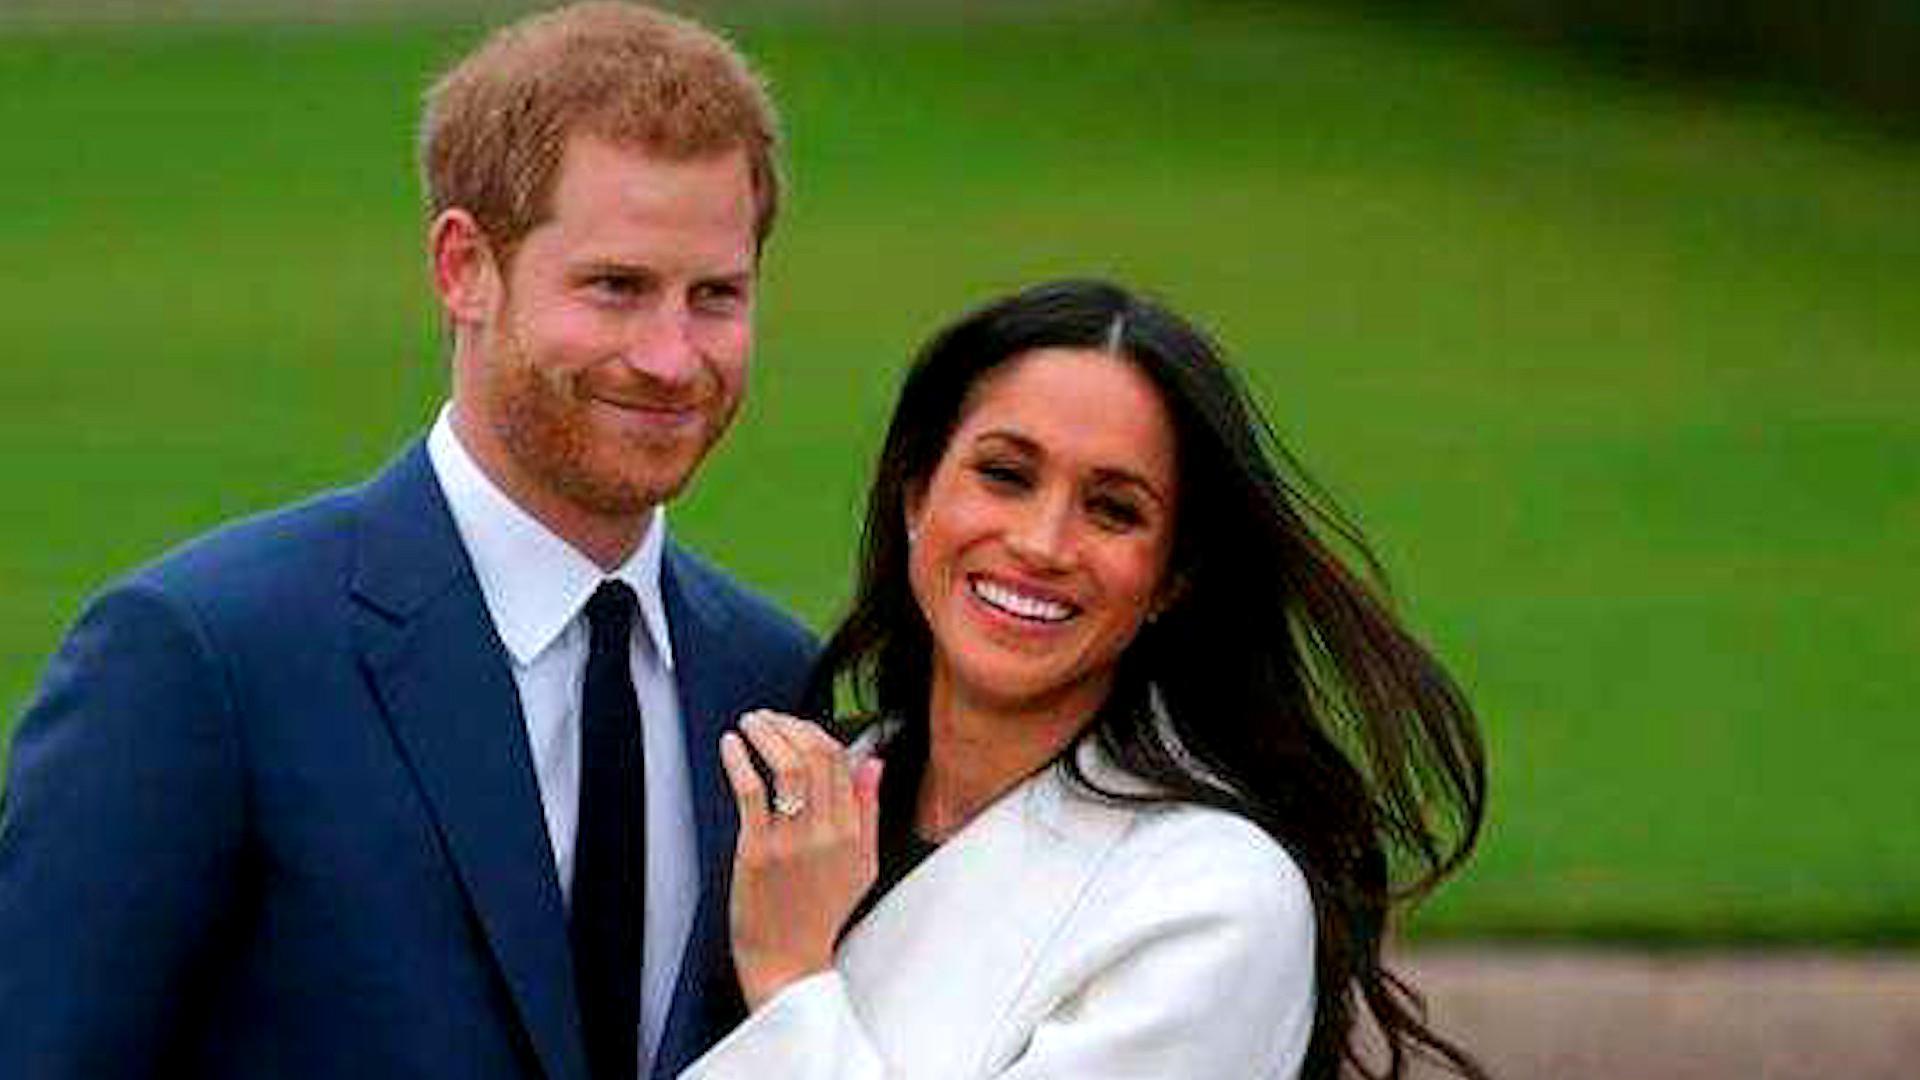 另有隐情?哈里王子首次回应退出王室决定:这也是别无选择